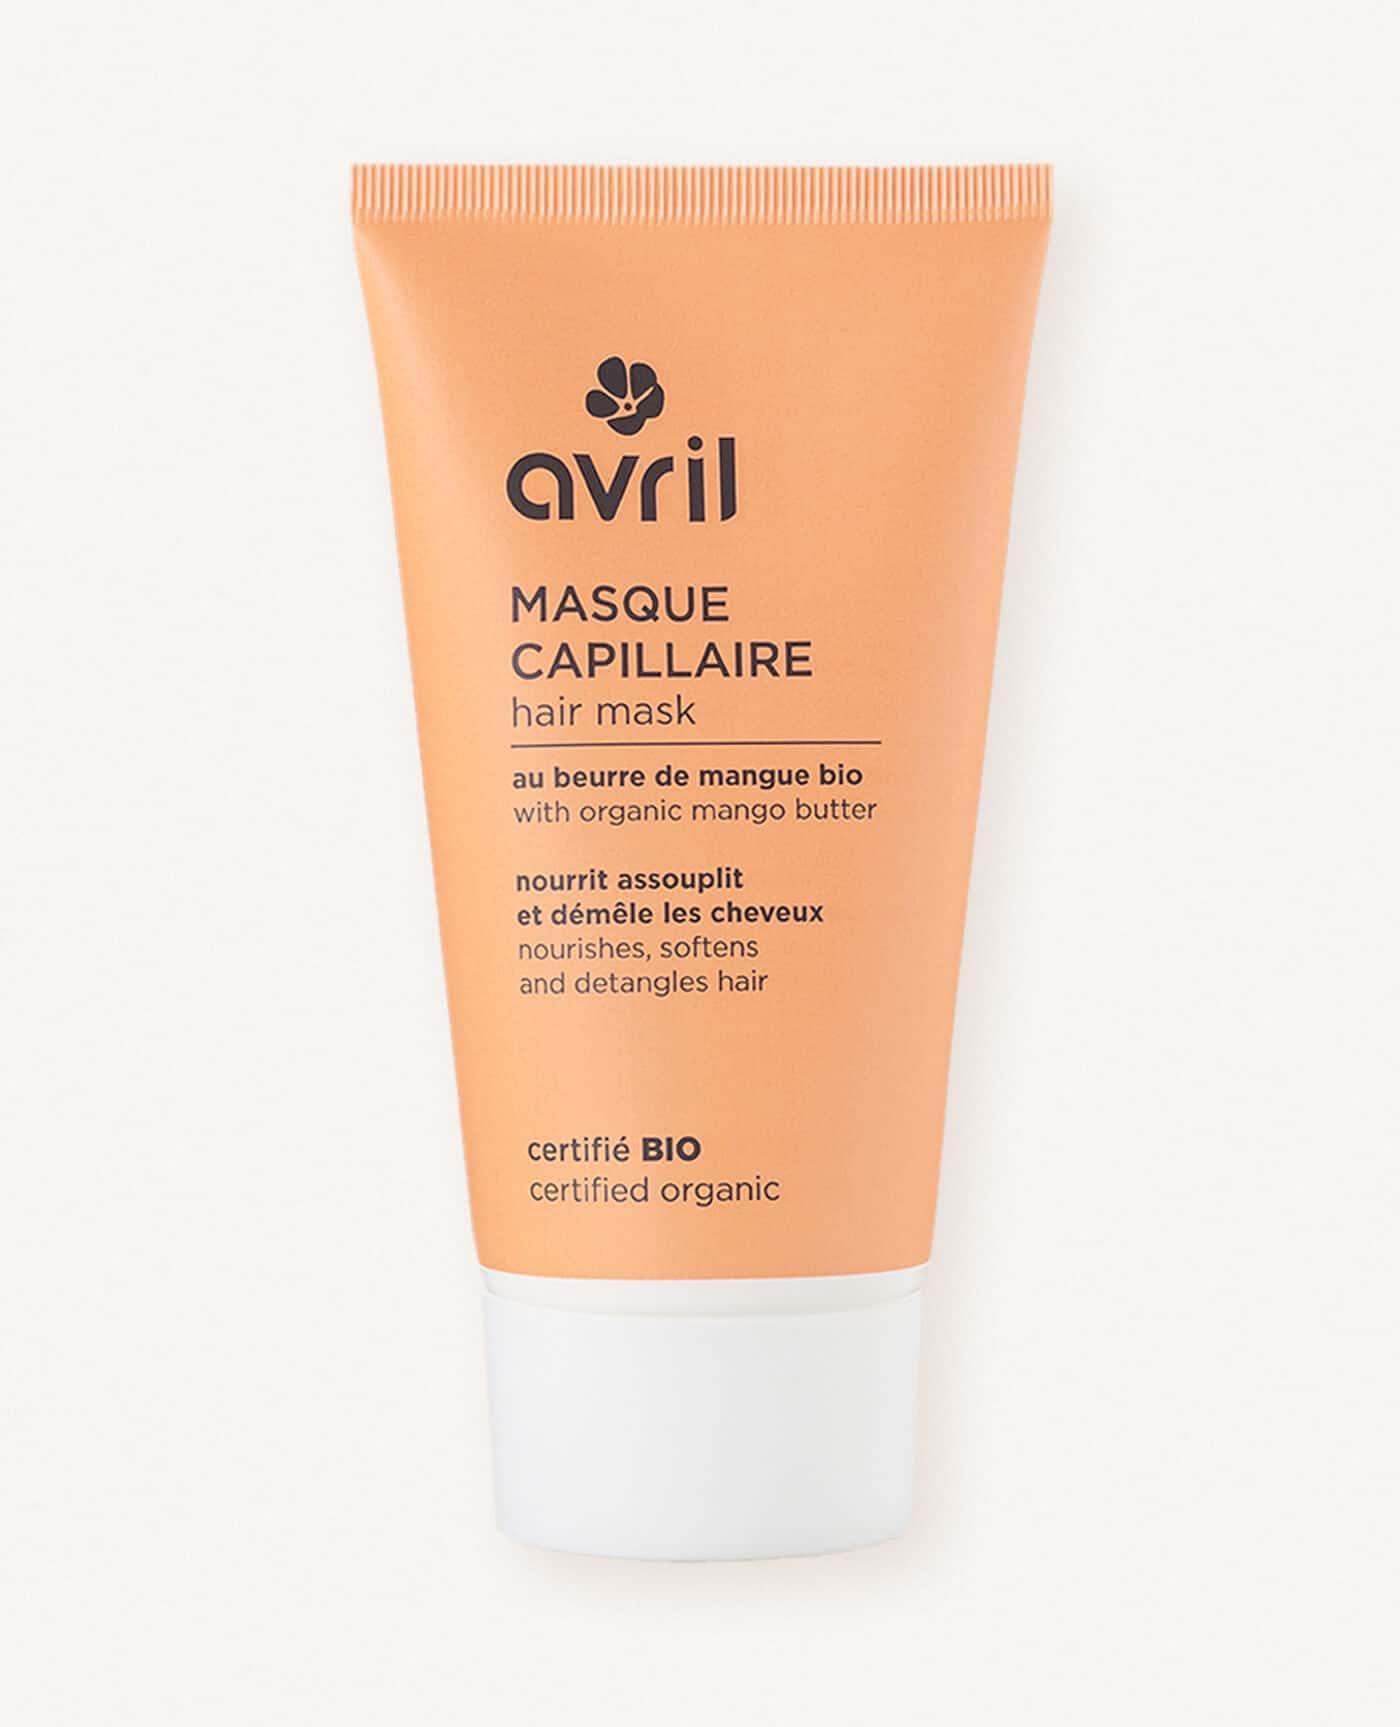 Masque capillaire bio, naturel et vegan de la marque Avril cosmétiques made in France